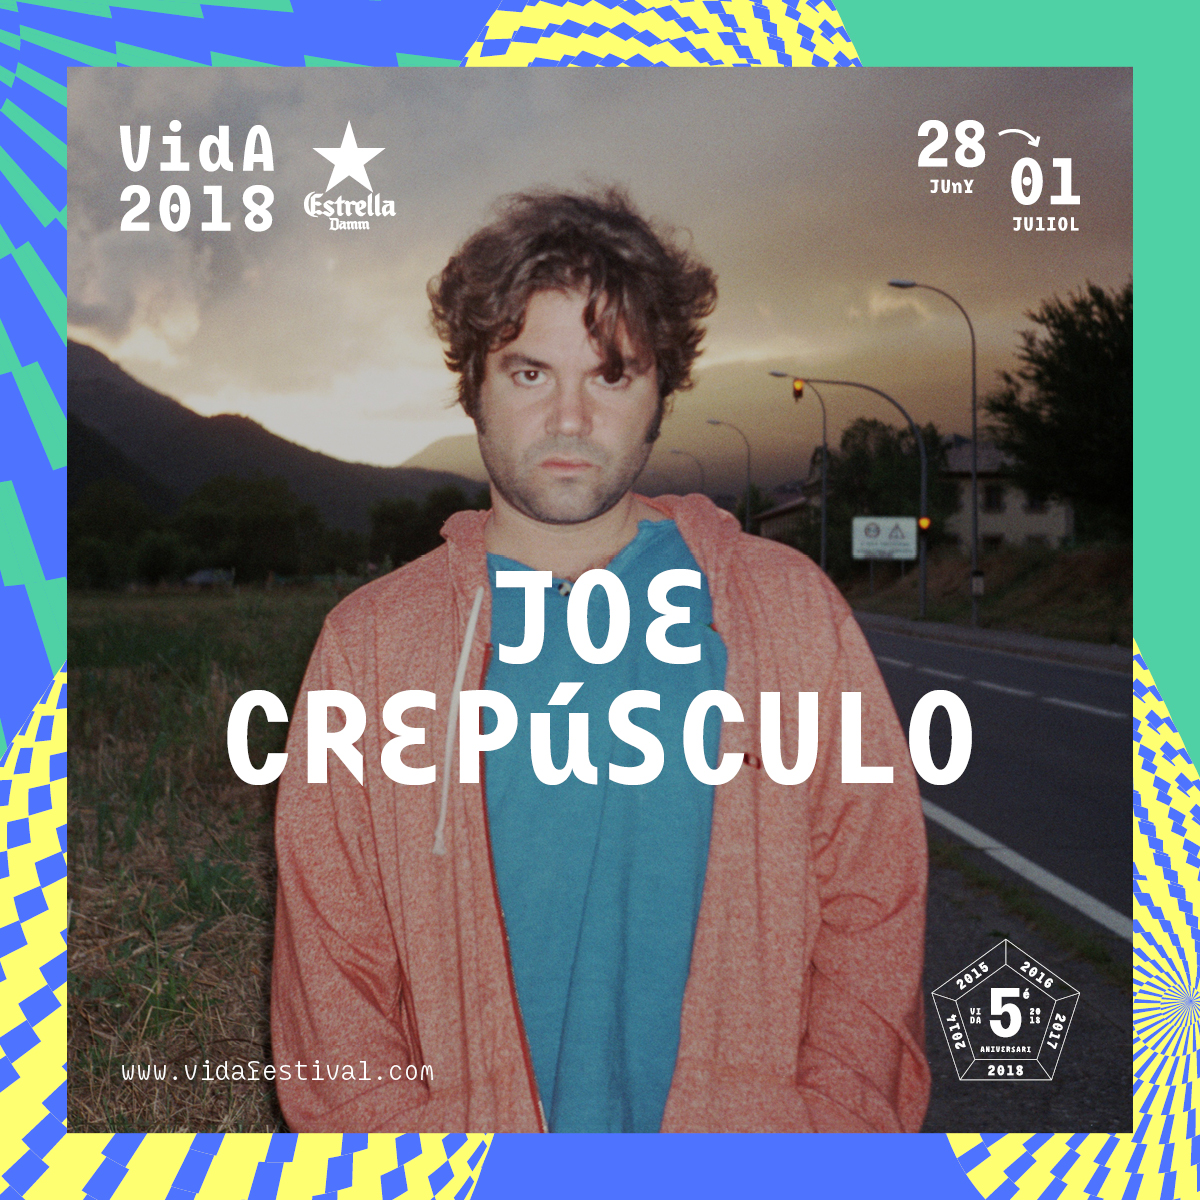 Joe Crep£sculo 1200x1200.jpg